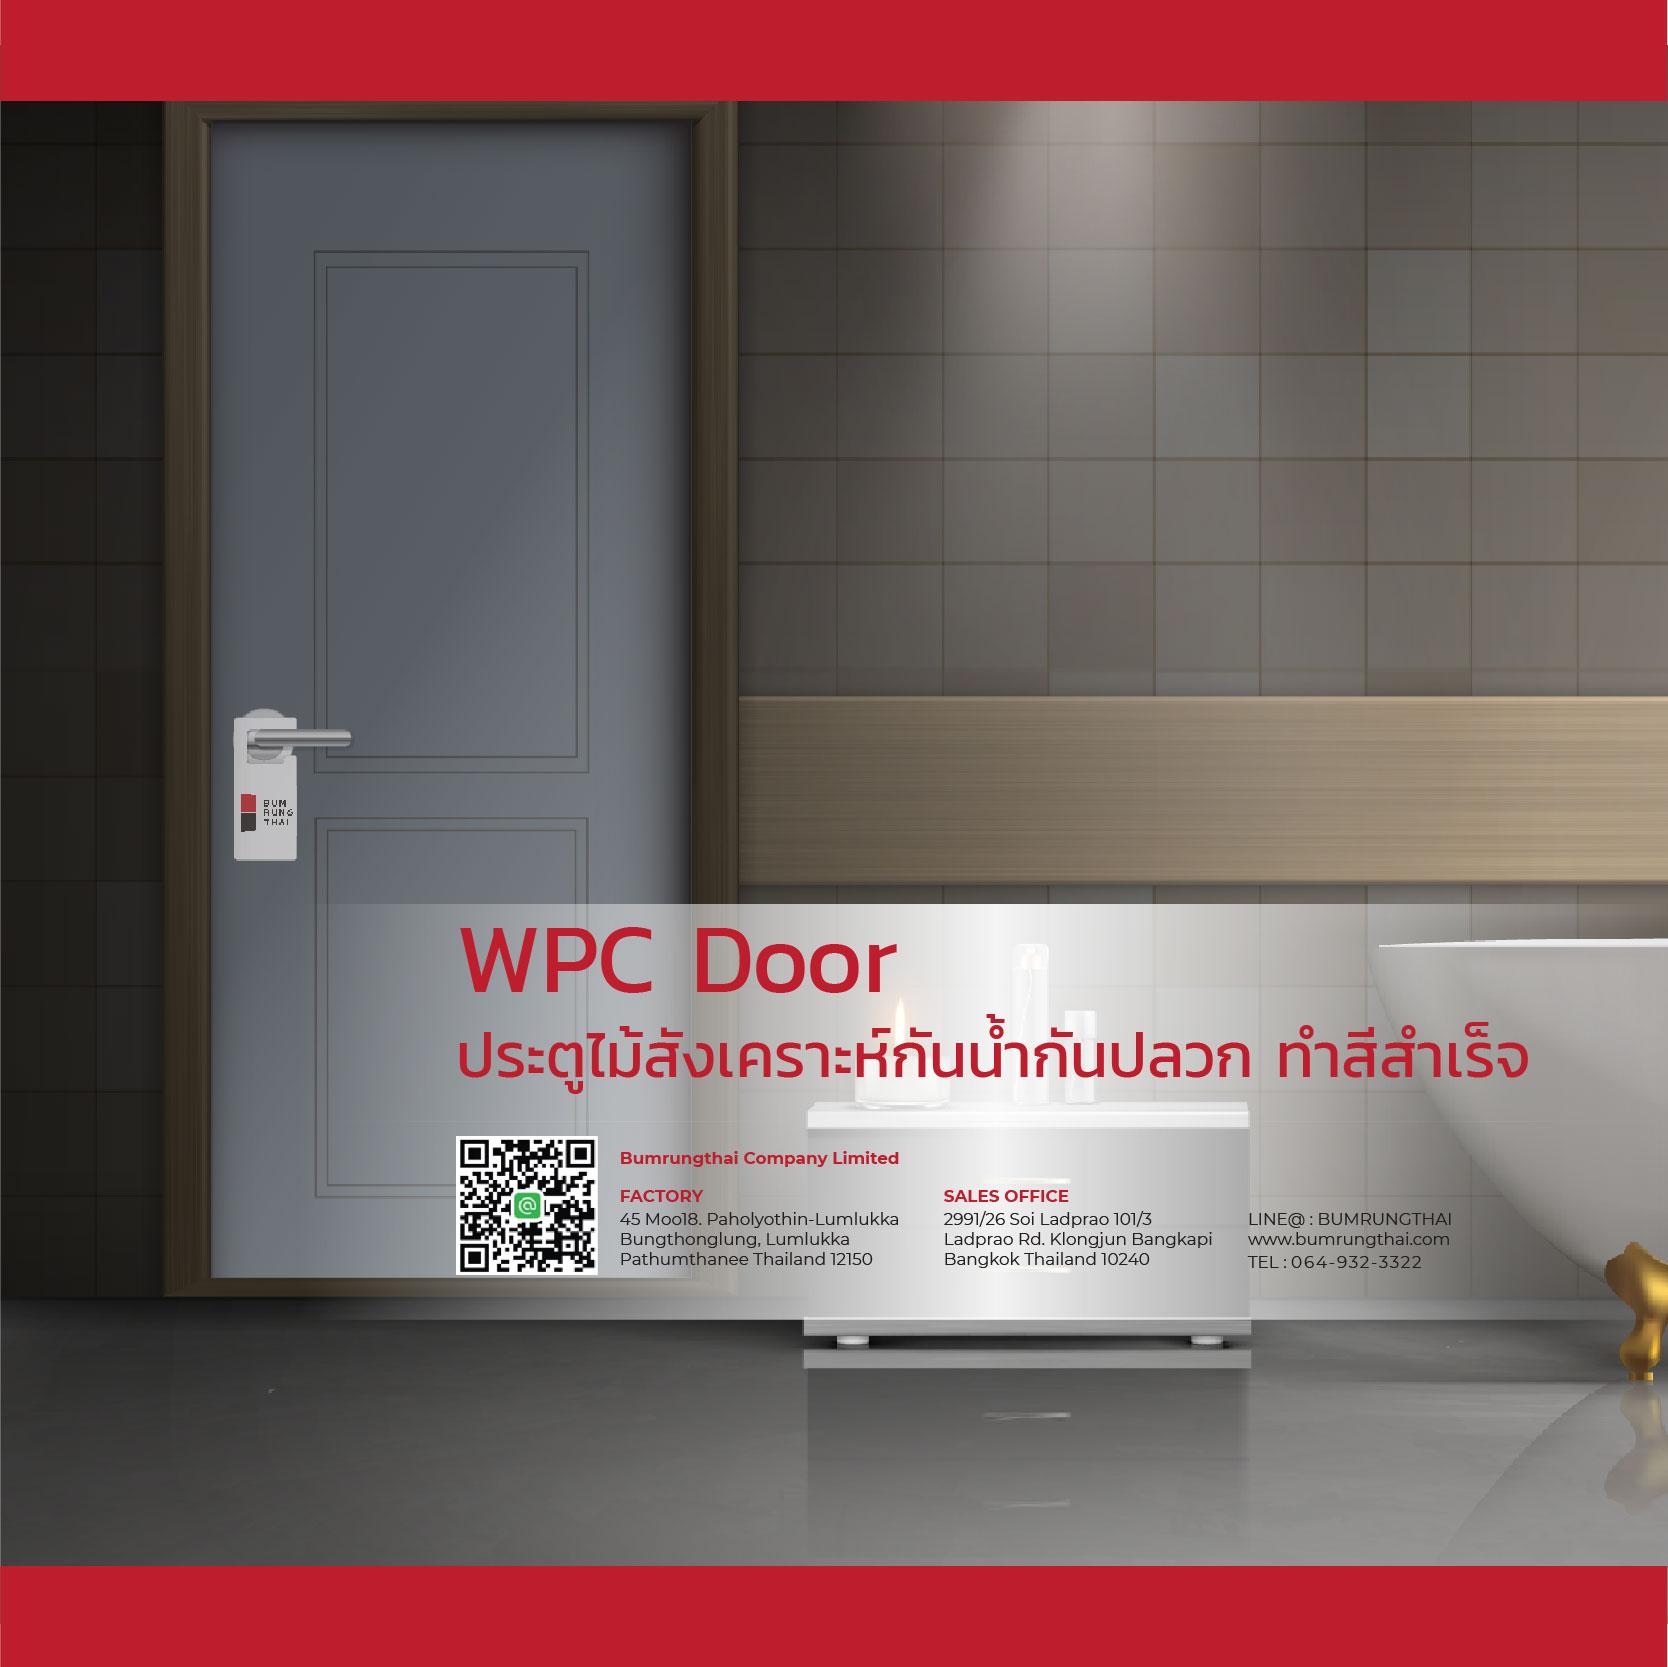 WPC Door ประตูไม้สังเคราะห์กันน้ำ กันปลวก ทำสีสำเร็จ